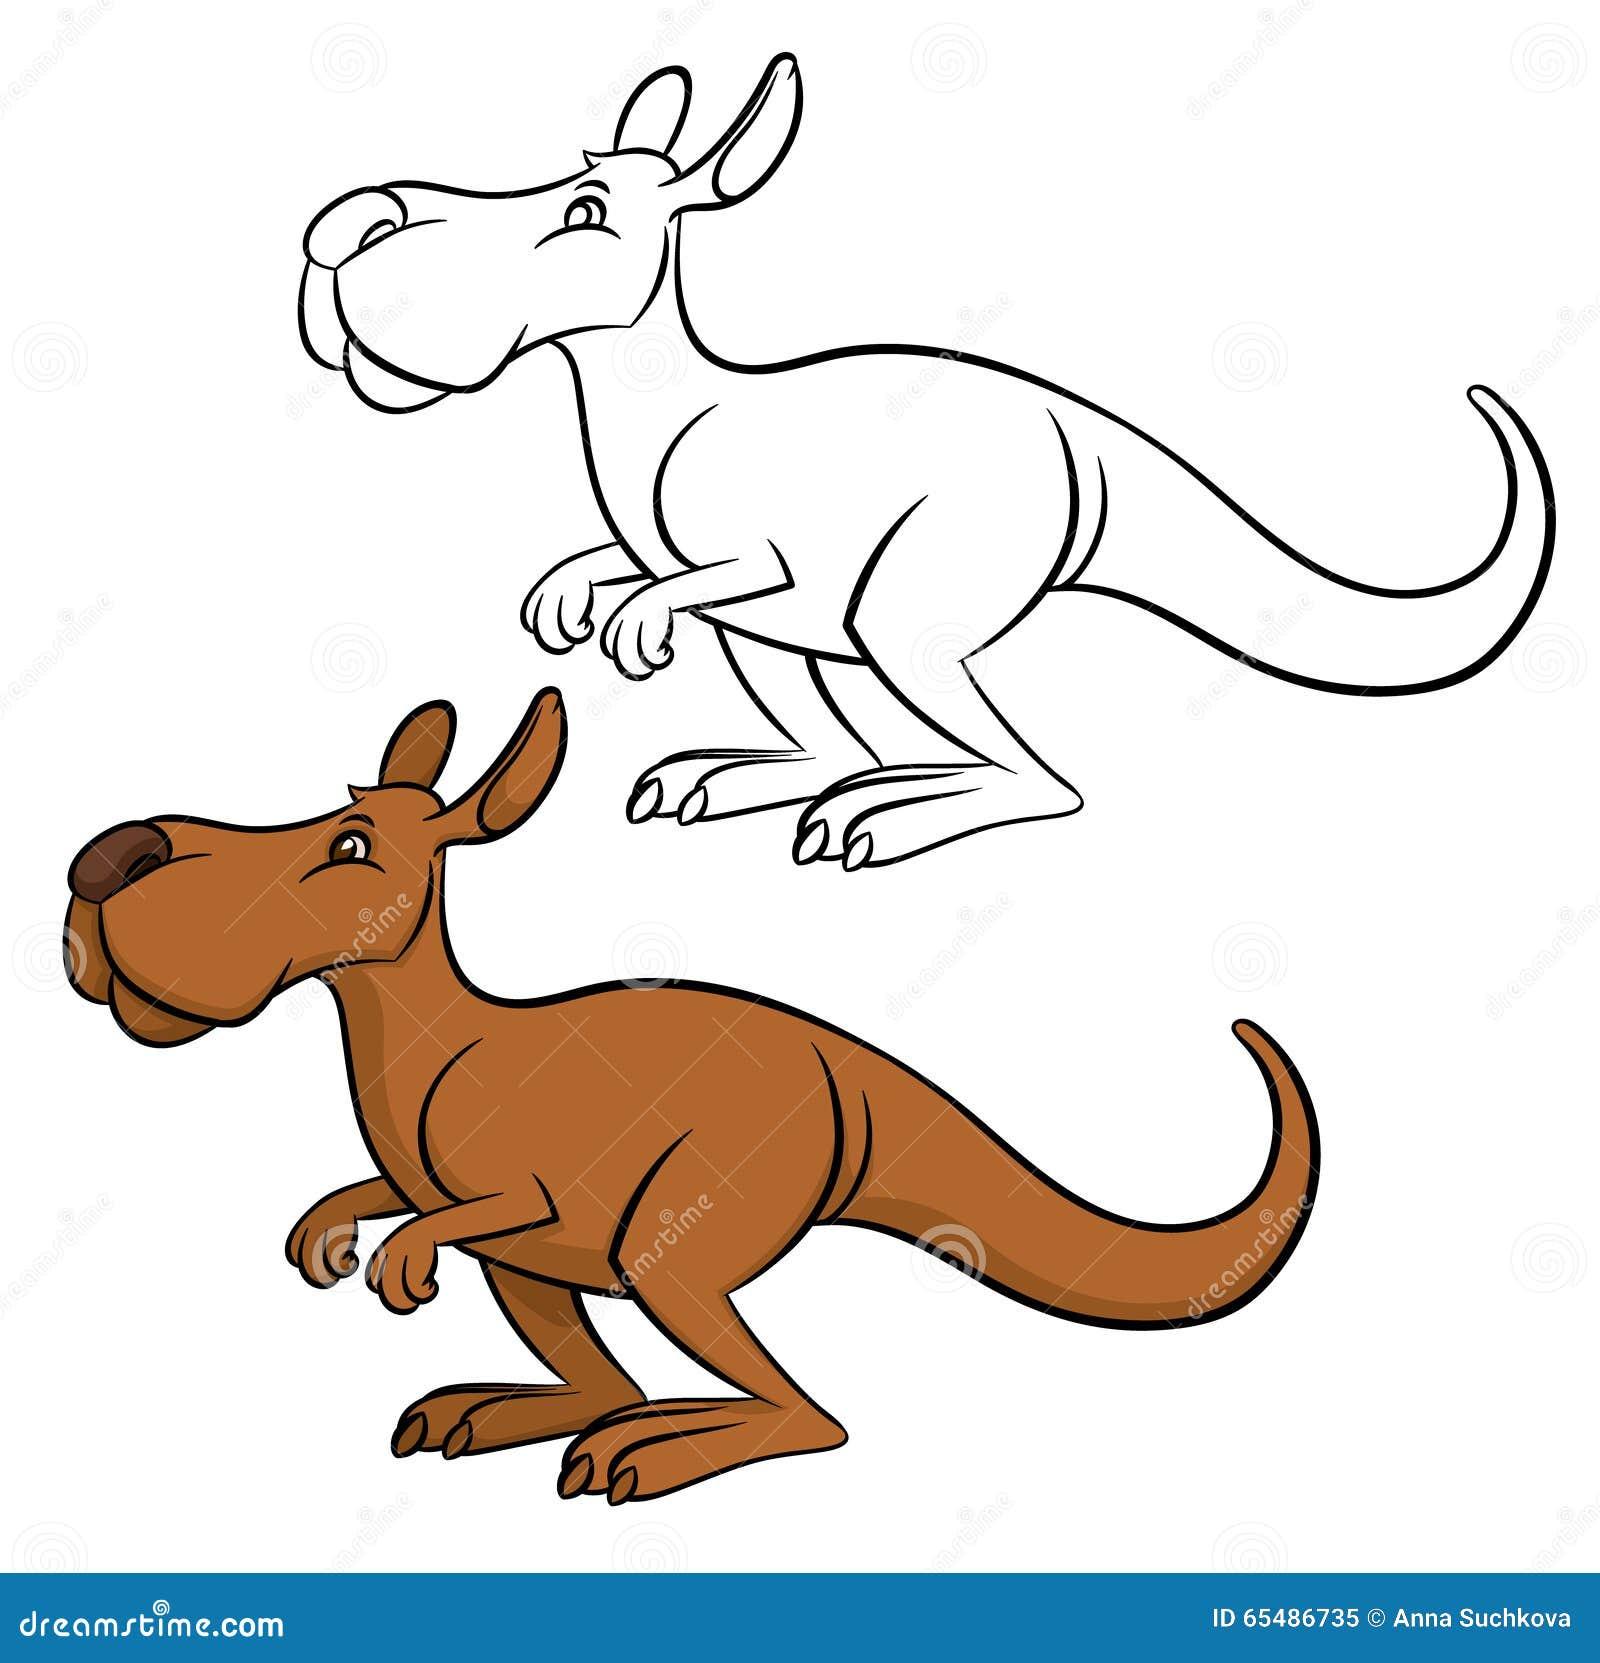 Line Art Kangaroo : Vector cartoon kangaroo stock illustration of